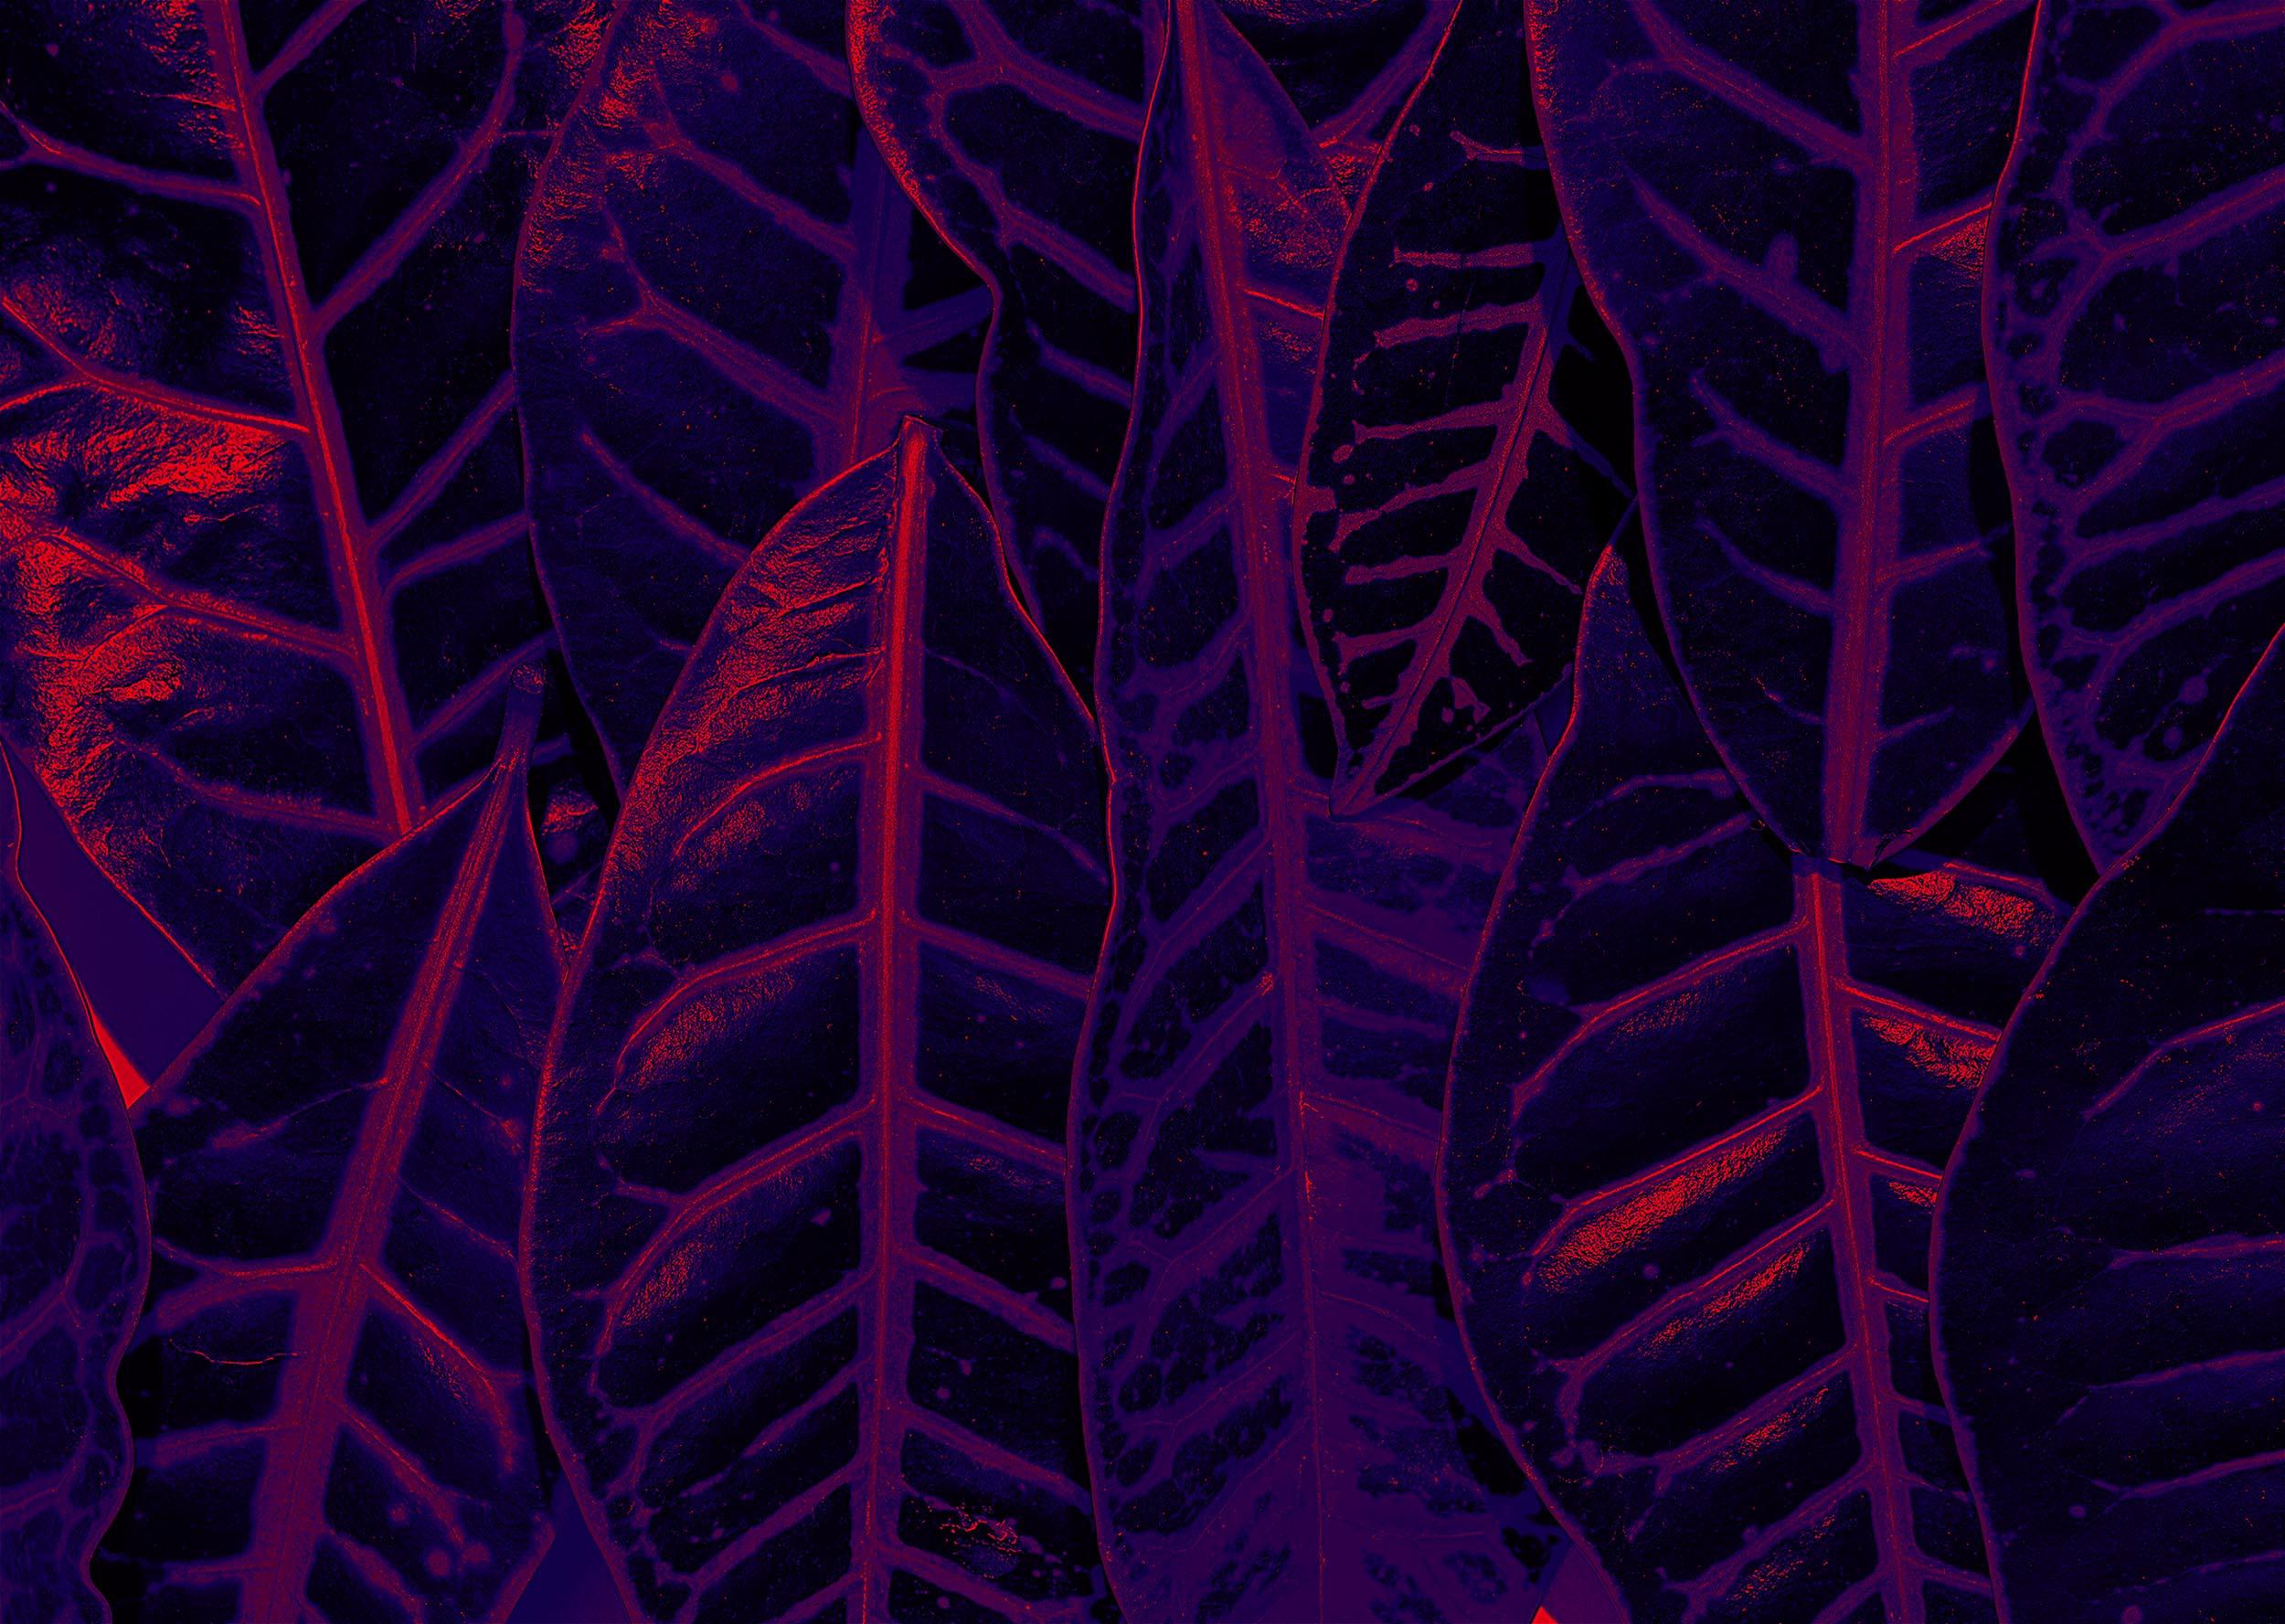 pantone-ultraviolet-2018-by-leandro-crespi-stocksy.jpg